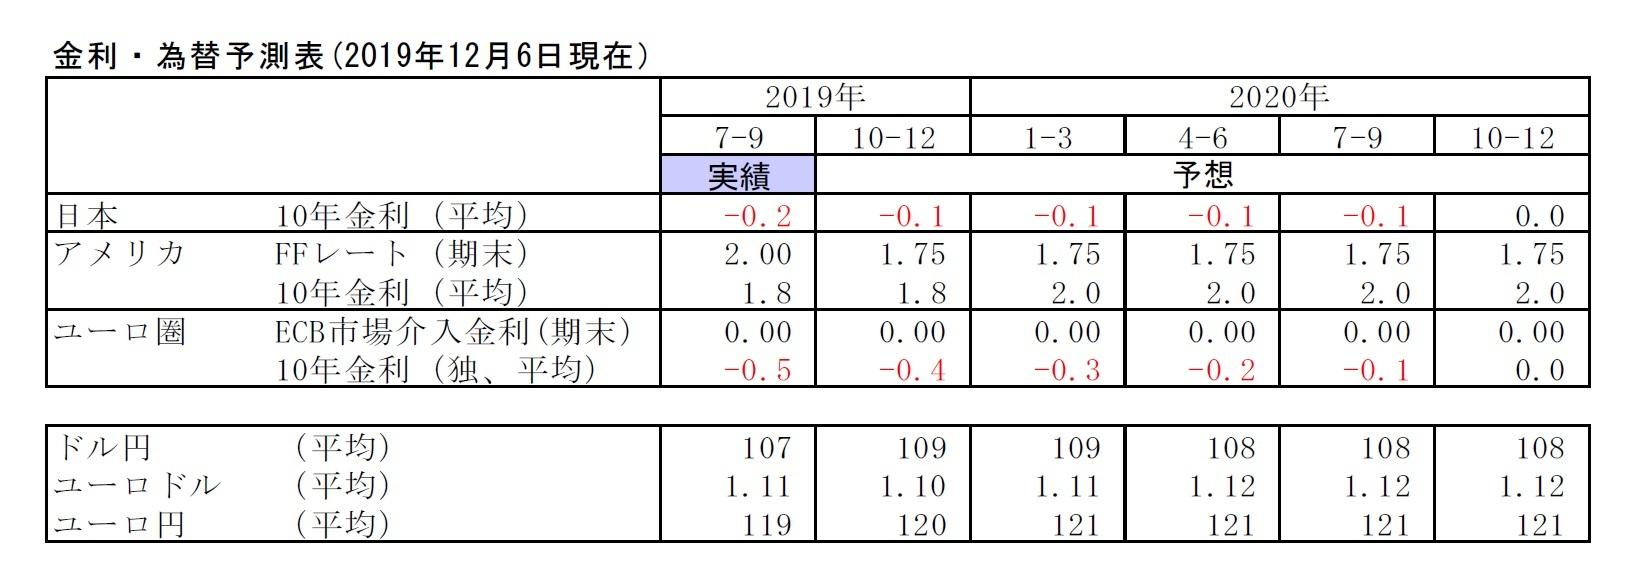 金利・為替予測表(2019年12月6日現在)